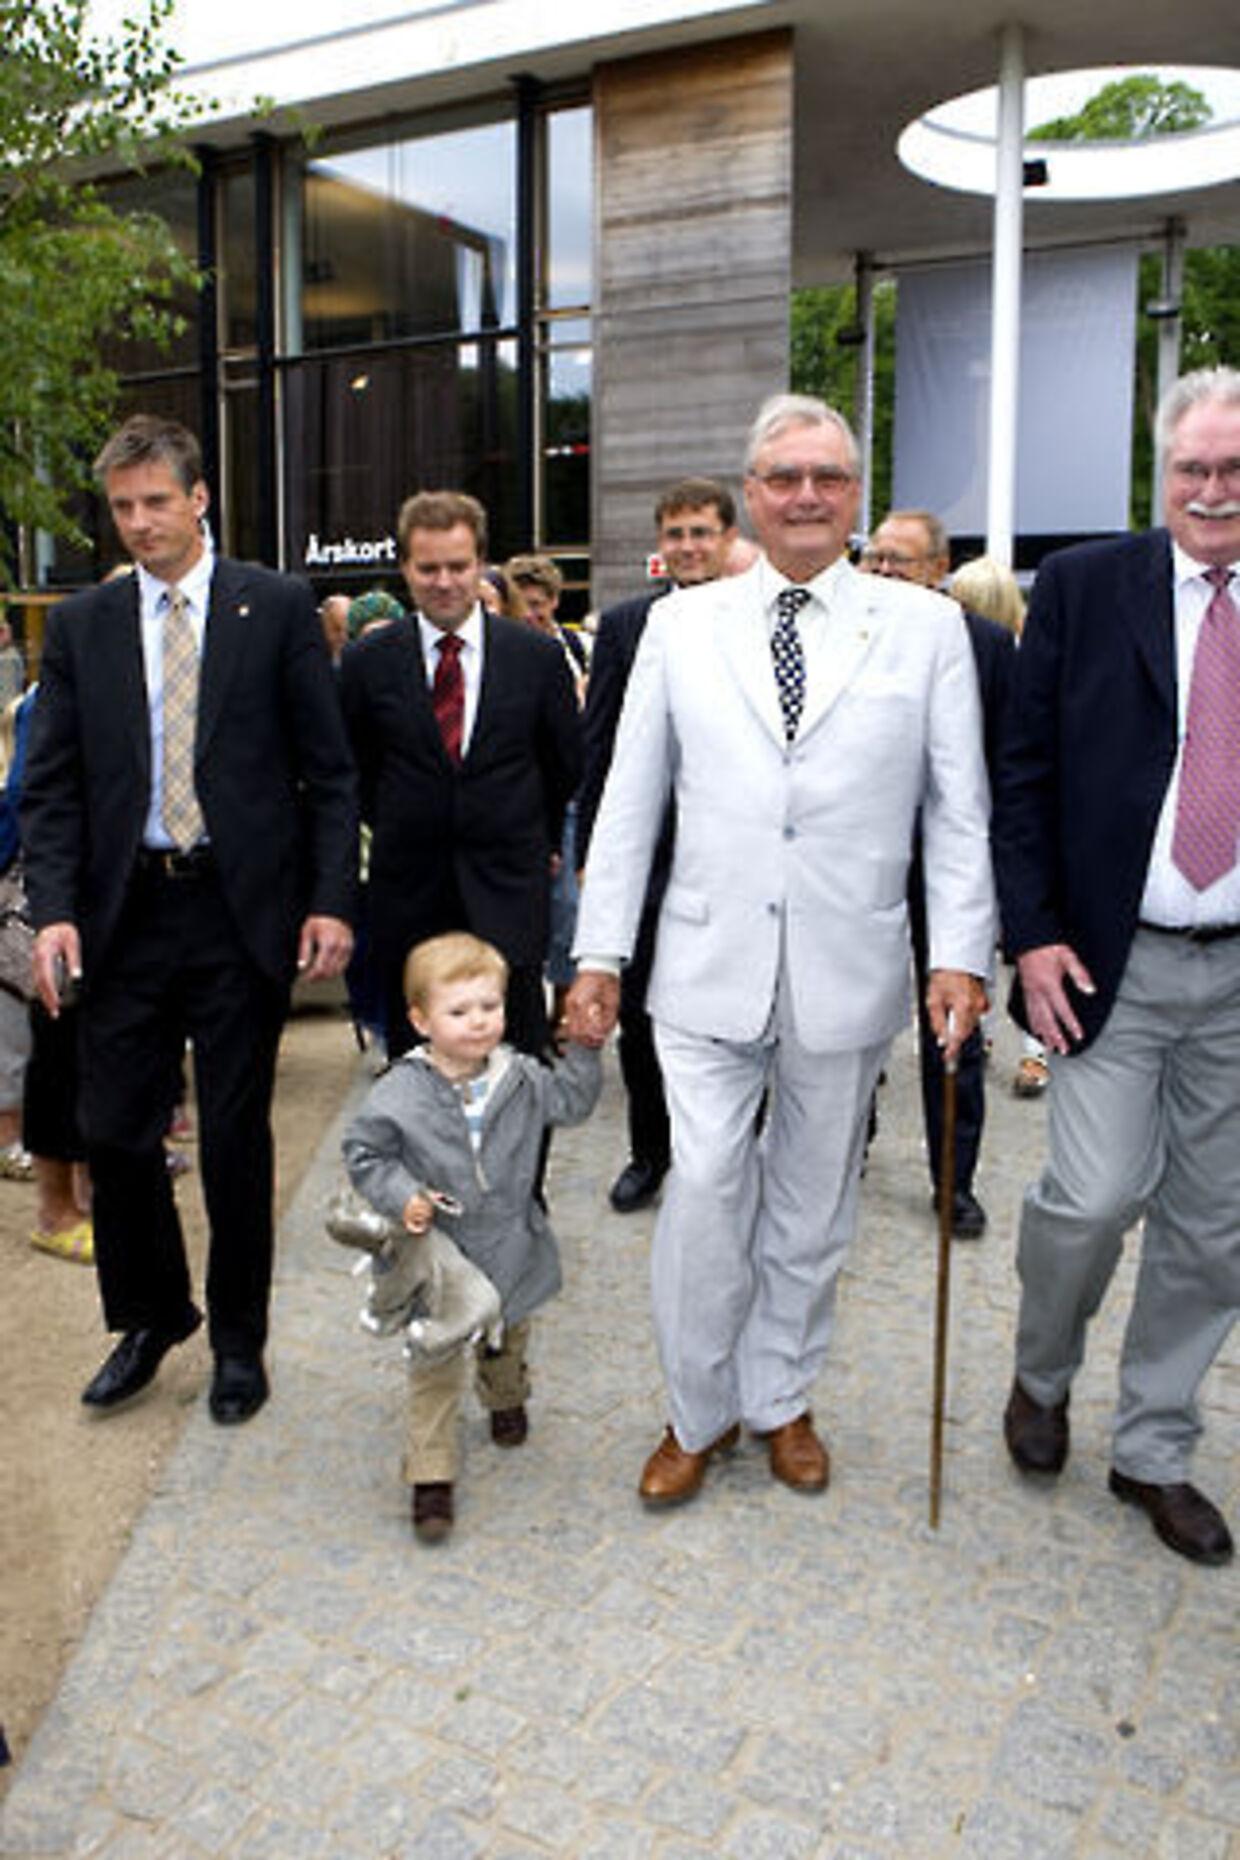 Tirsdag var lille prins Christian med farfar i Zoologisk Have for at se på elefanter.